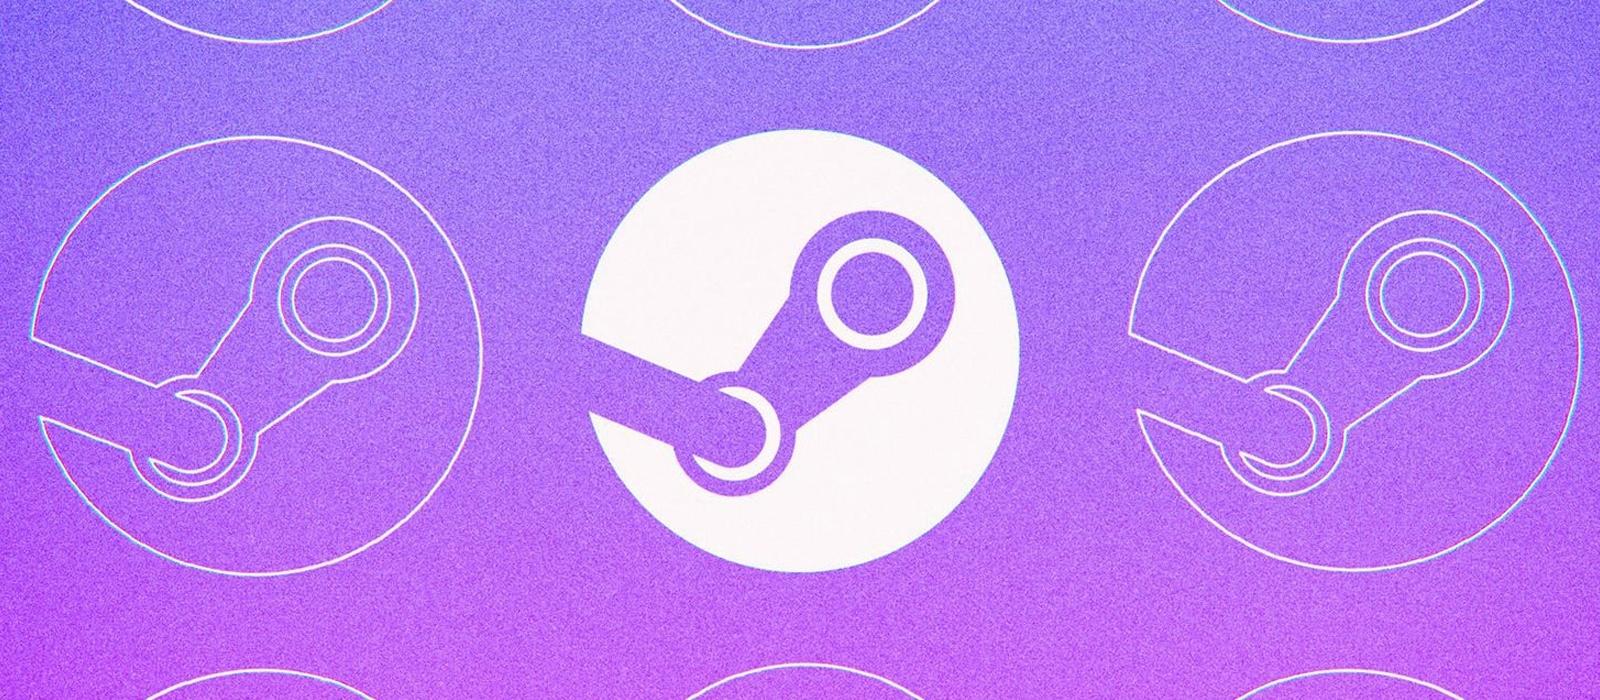 6 kostenlose Spiele werden auf Steam verteilt.  Es gibt einen einzigartigen Horrorsimulator einer Katze mit einer dunklen Vergangenheit